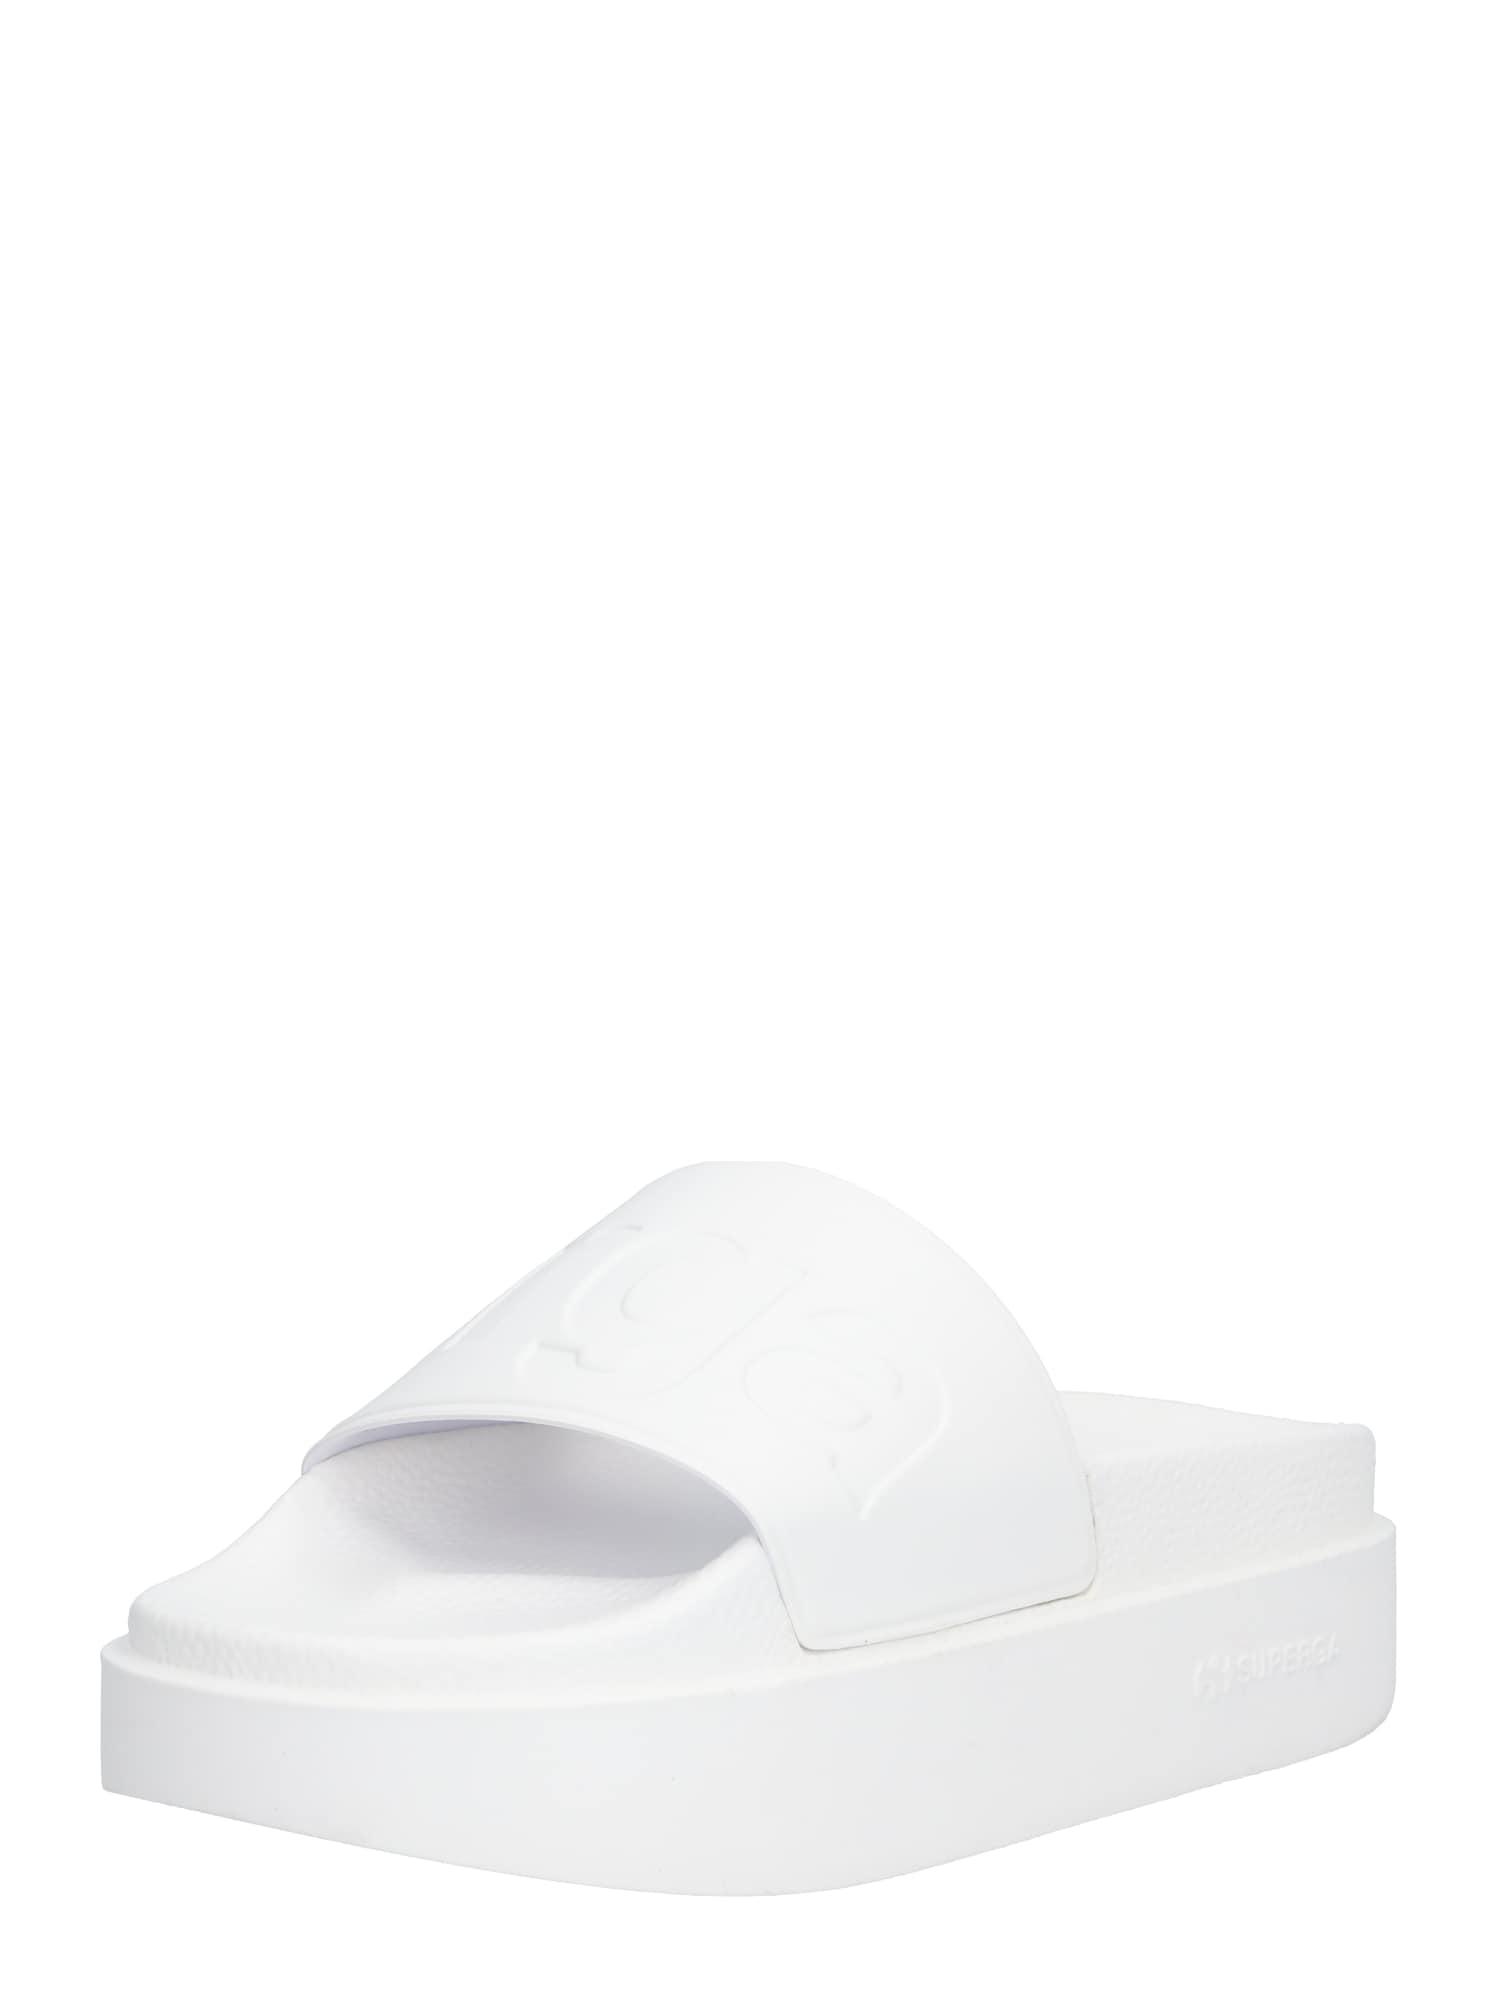 Pantofle 1919 - PUW bílá SUPERGA